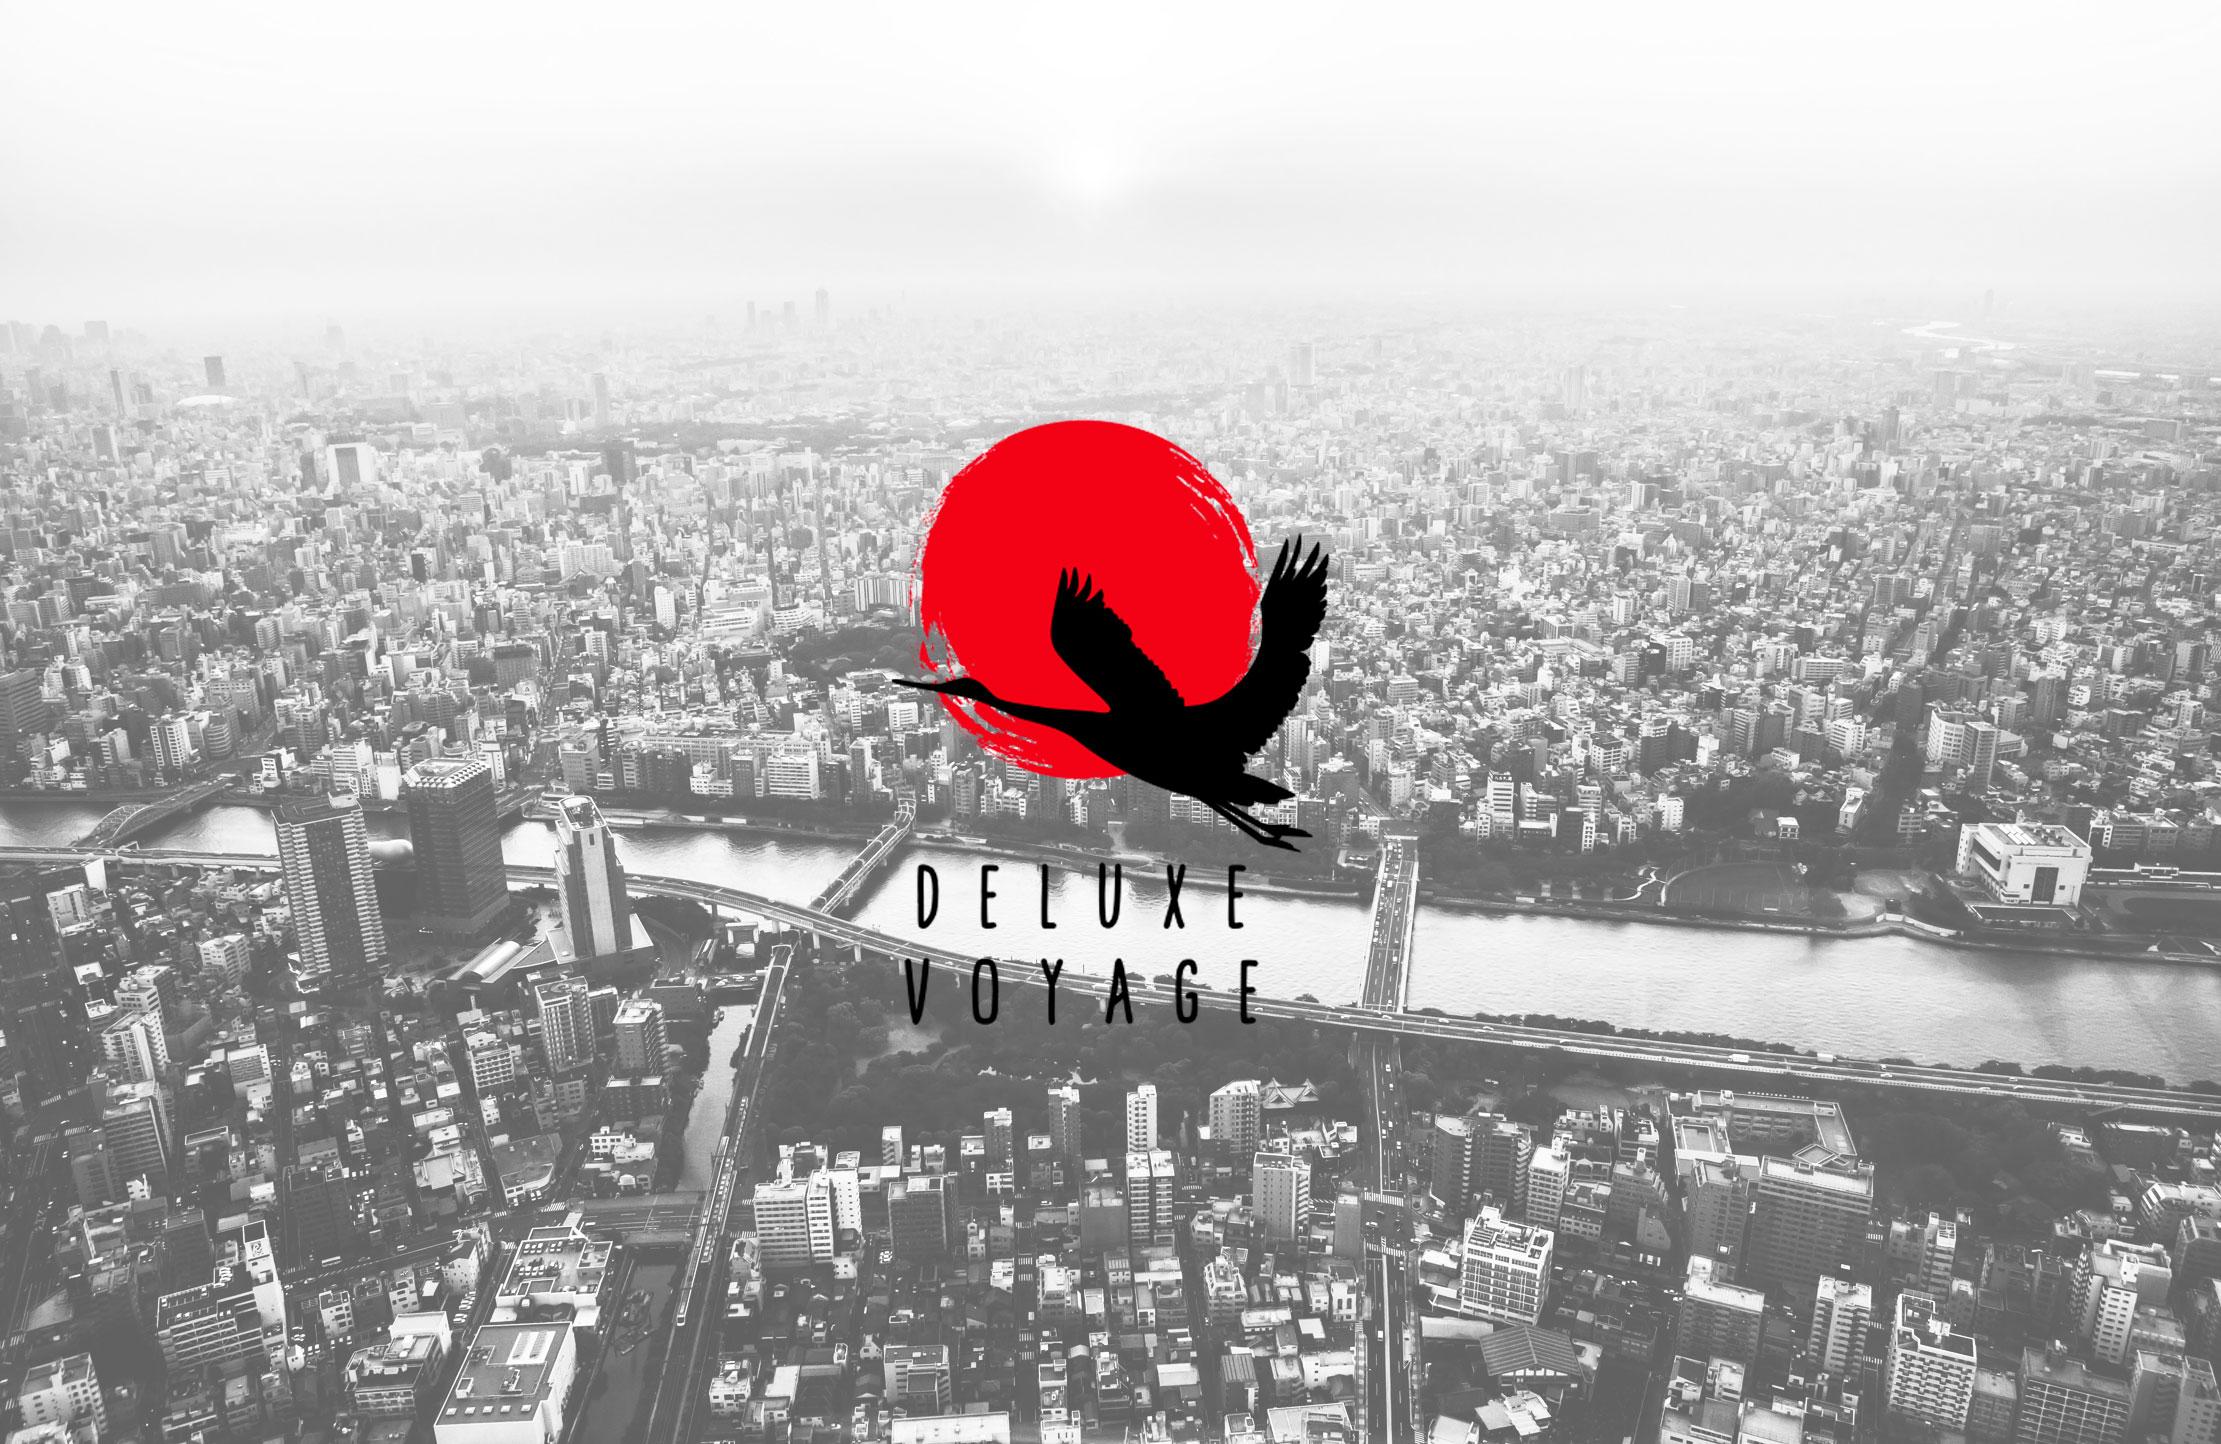 Deluxe Voyage // туристические услуги по Японии